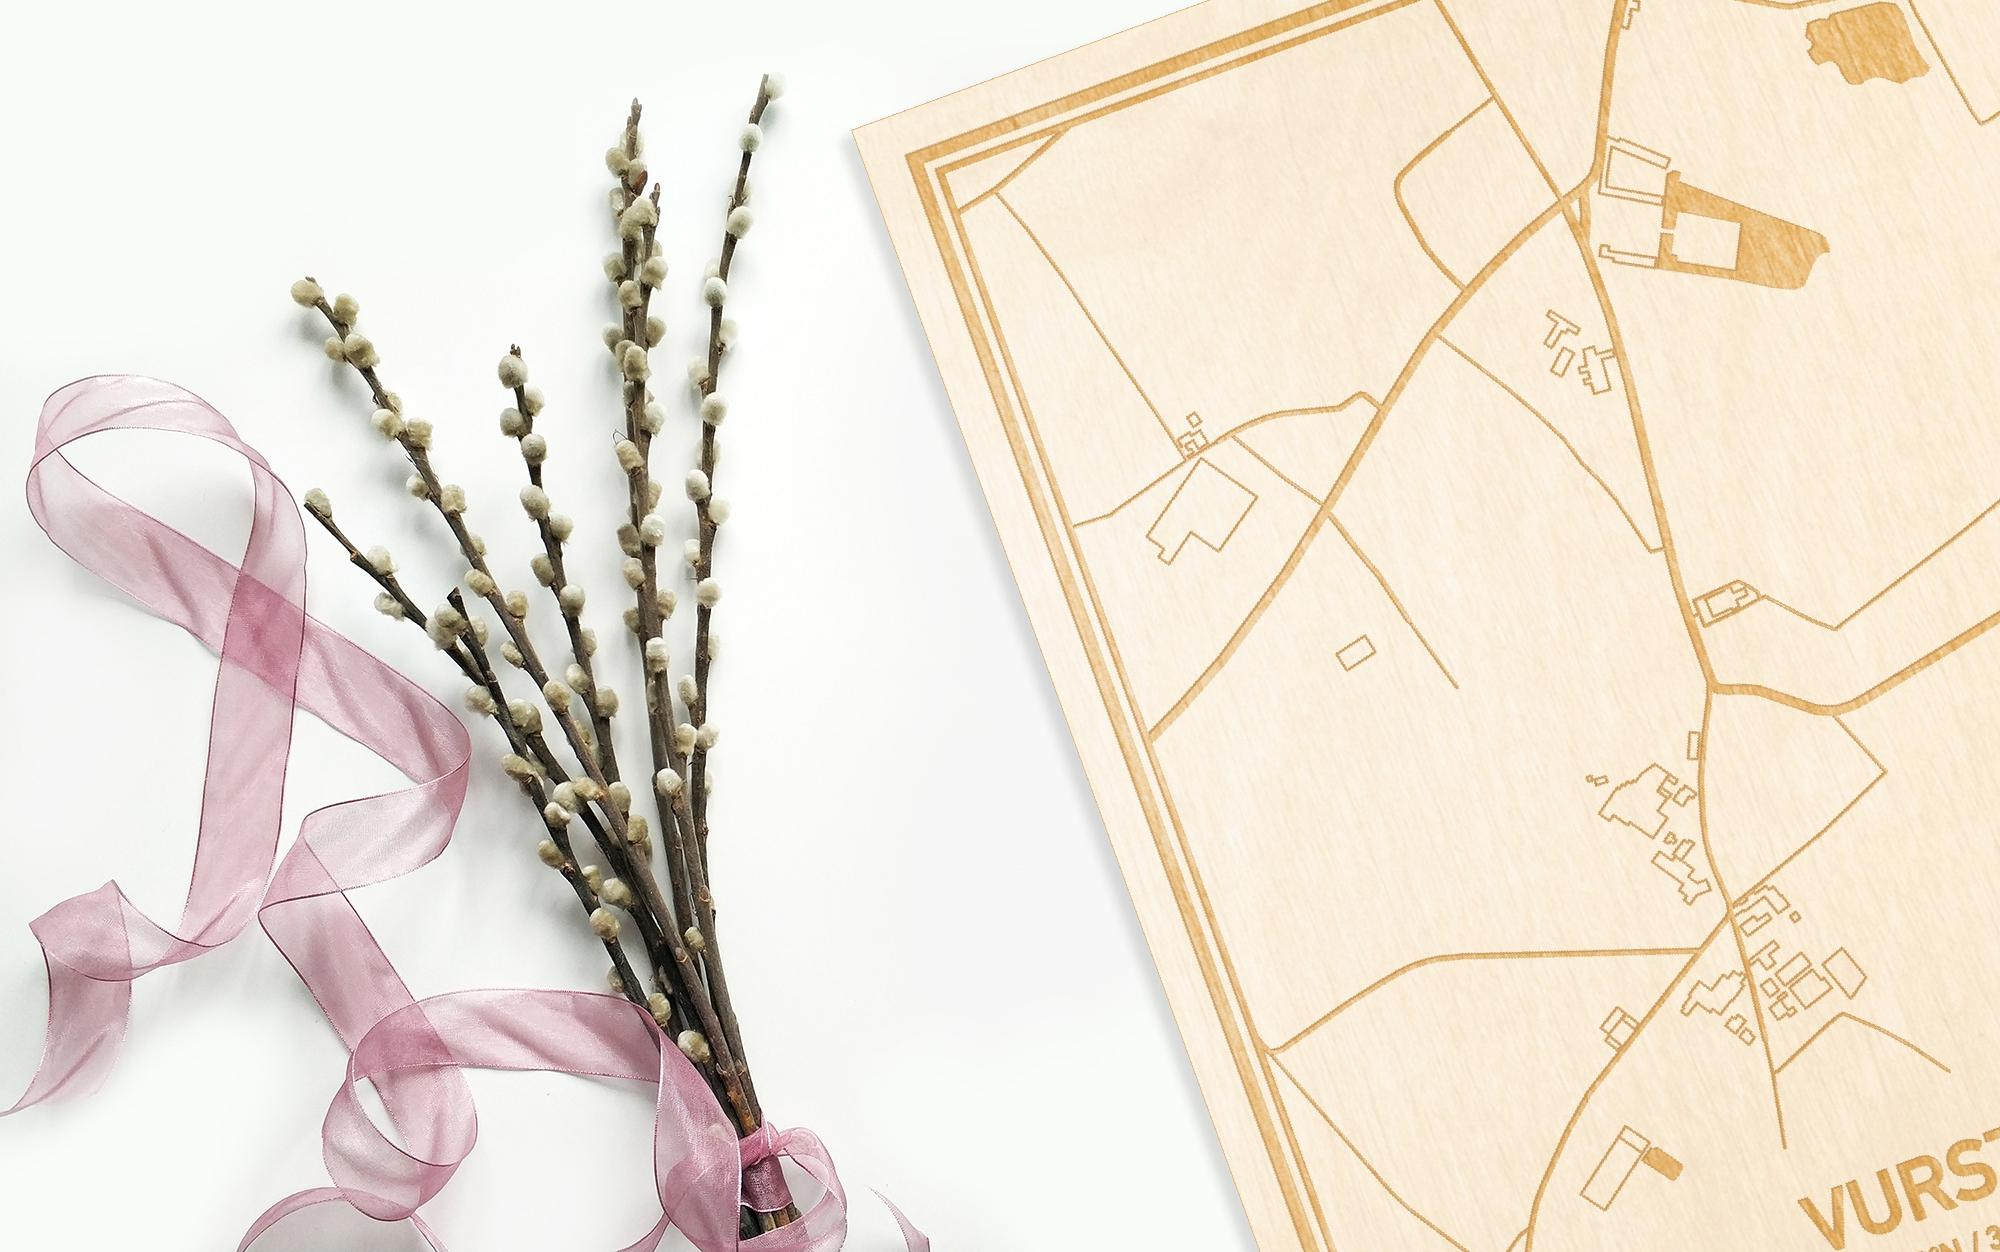 Hier ligt de houten plattegrond Vurste naast een bloemetje als gepersonaliseerd cadeau voor haar.